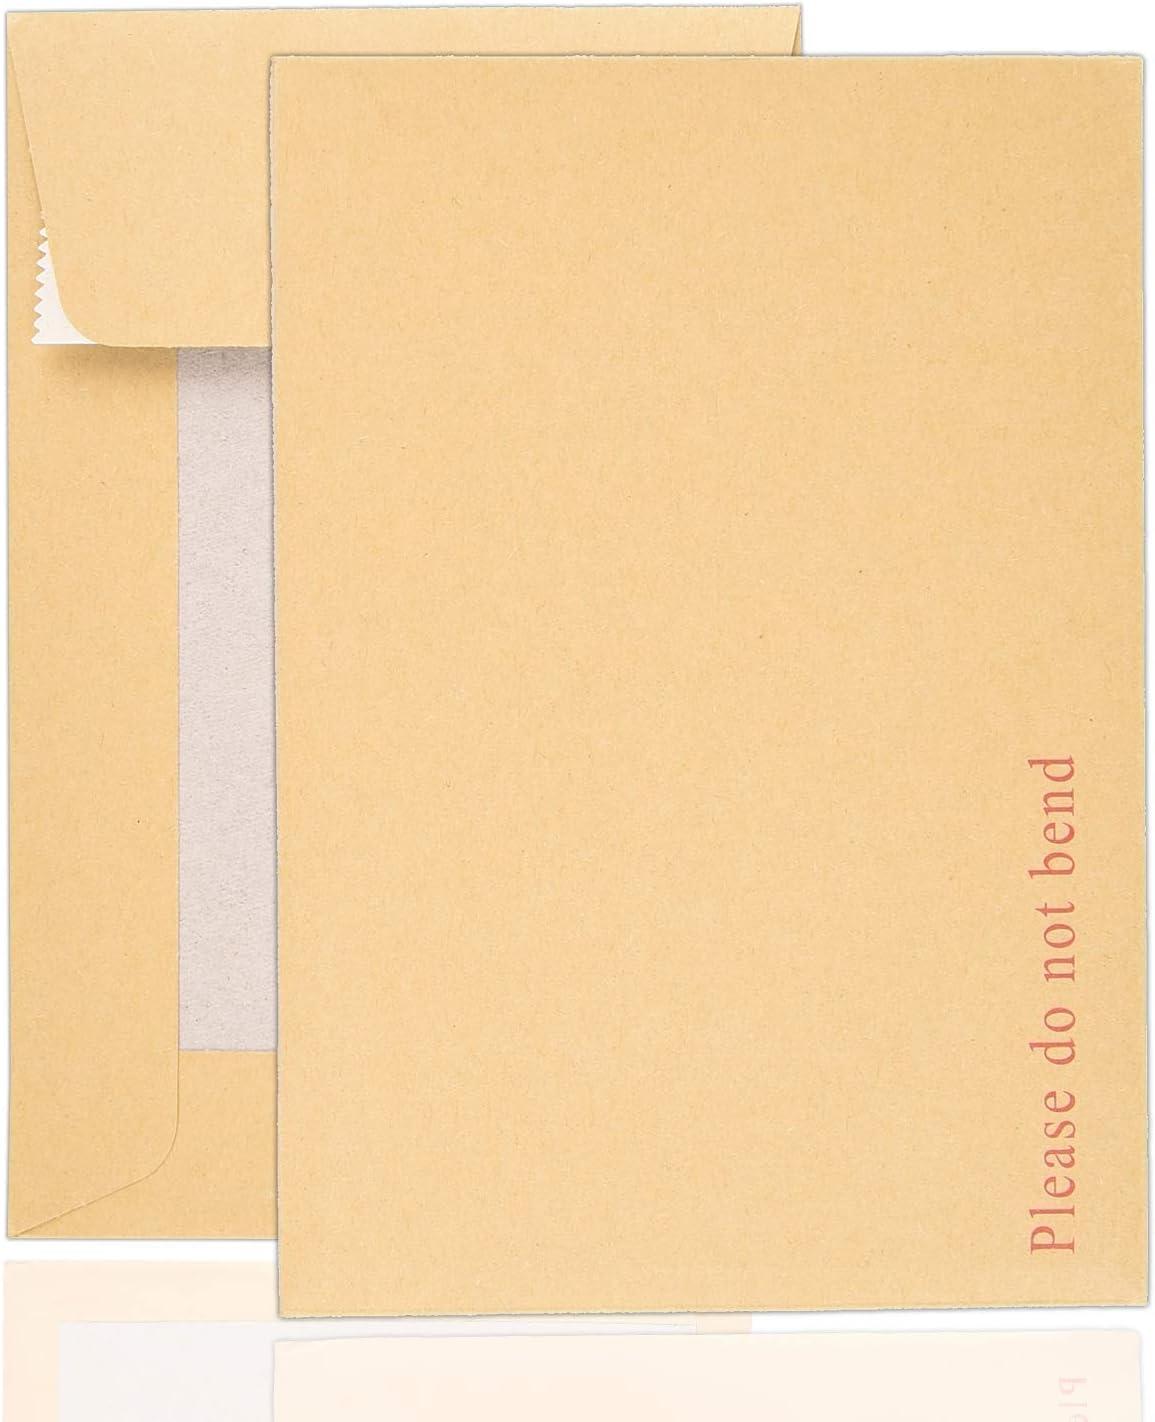 Buste con dorso rigido 162 x 114 mm confezione da 100 Arpan formato A6 formato C6 Manilla